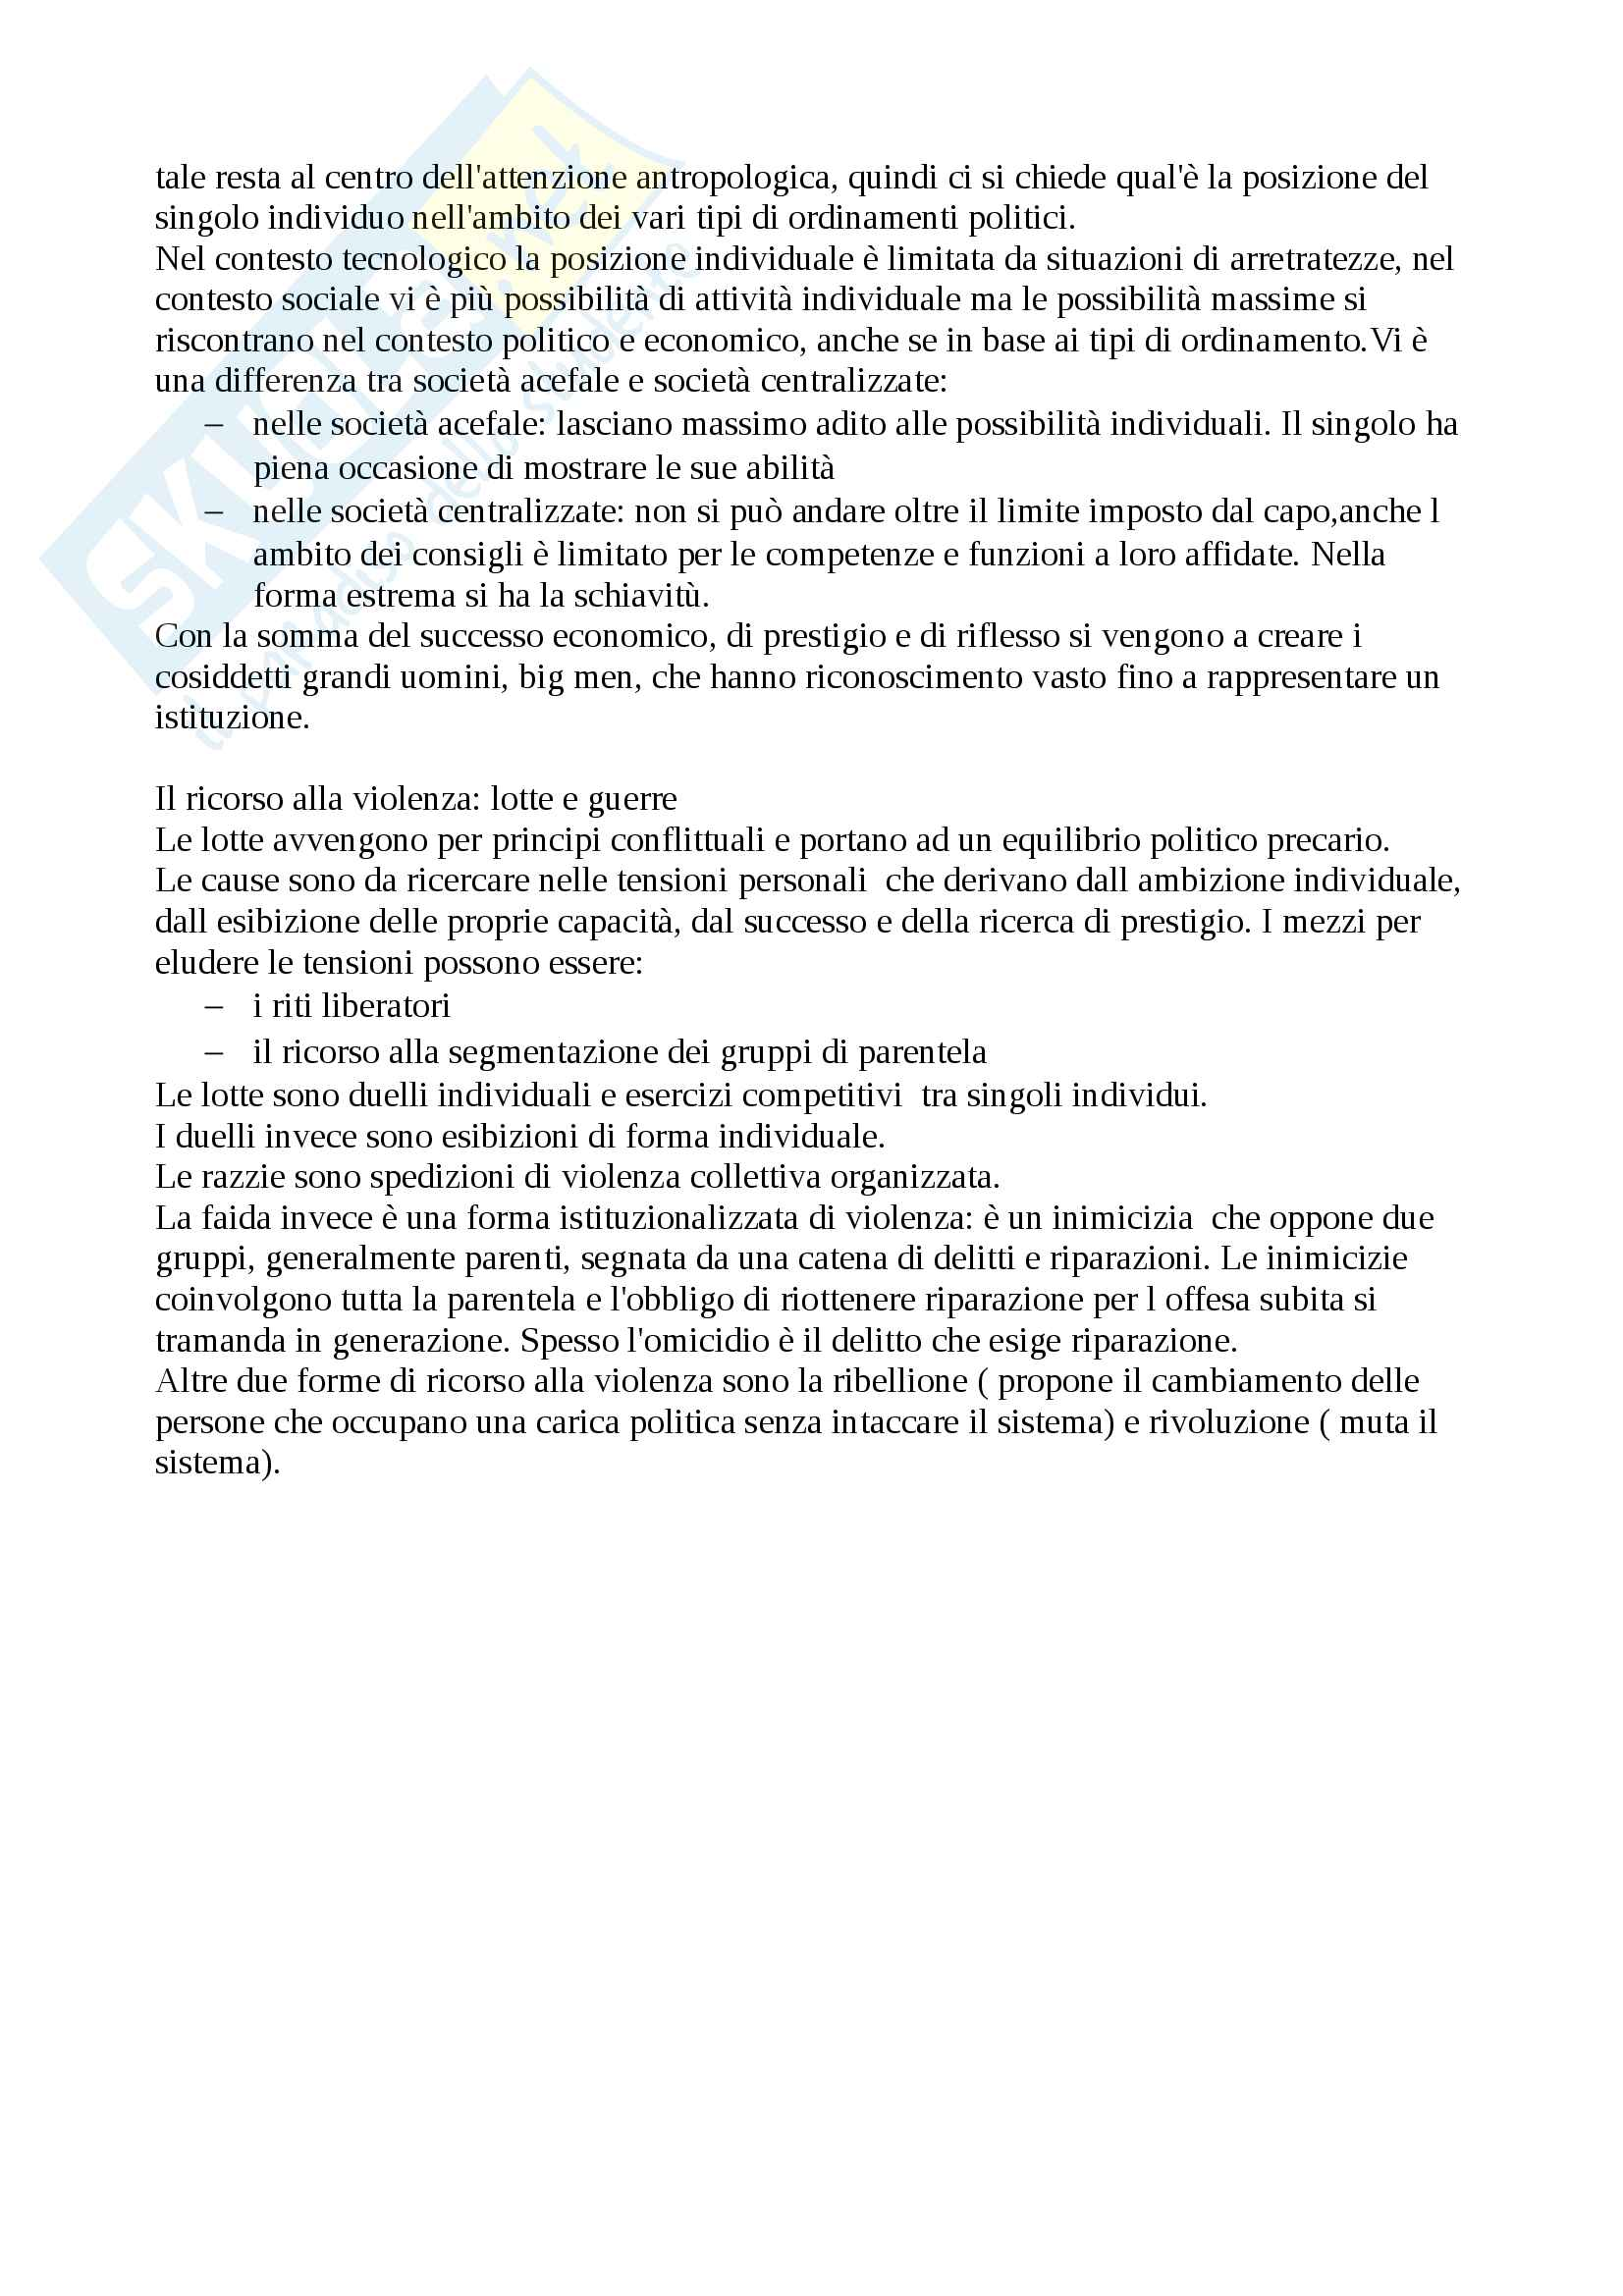 Riassunto esame Antropologia culturale, docente prof. Palmisano, libro consigliato Uomo,cultura, società, Bernardo Bernardi Pag. 41